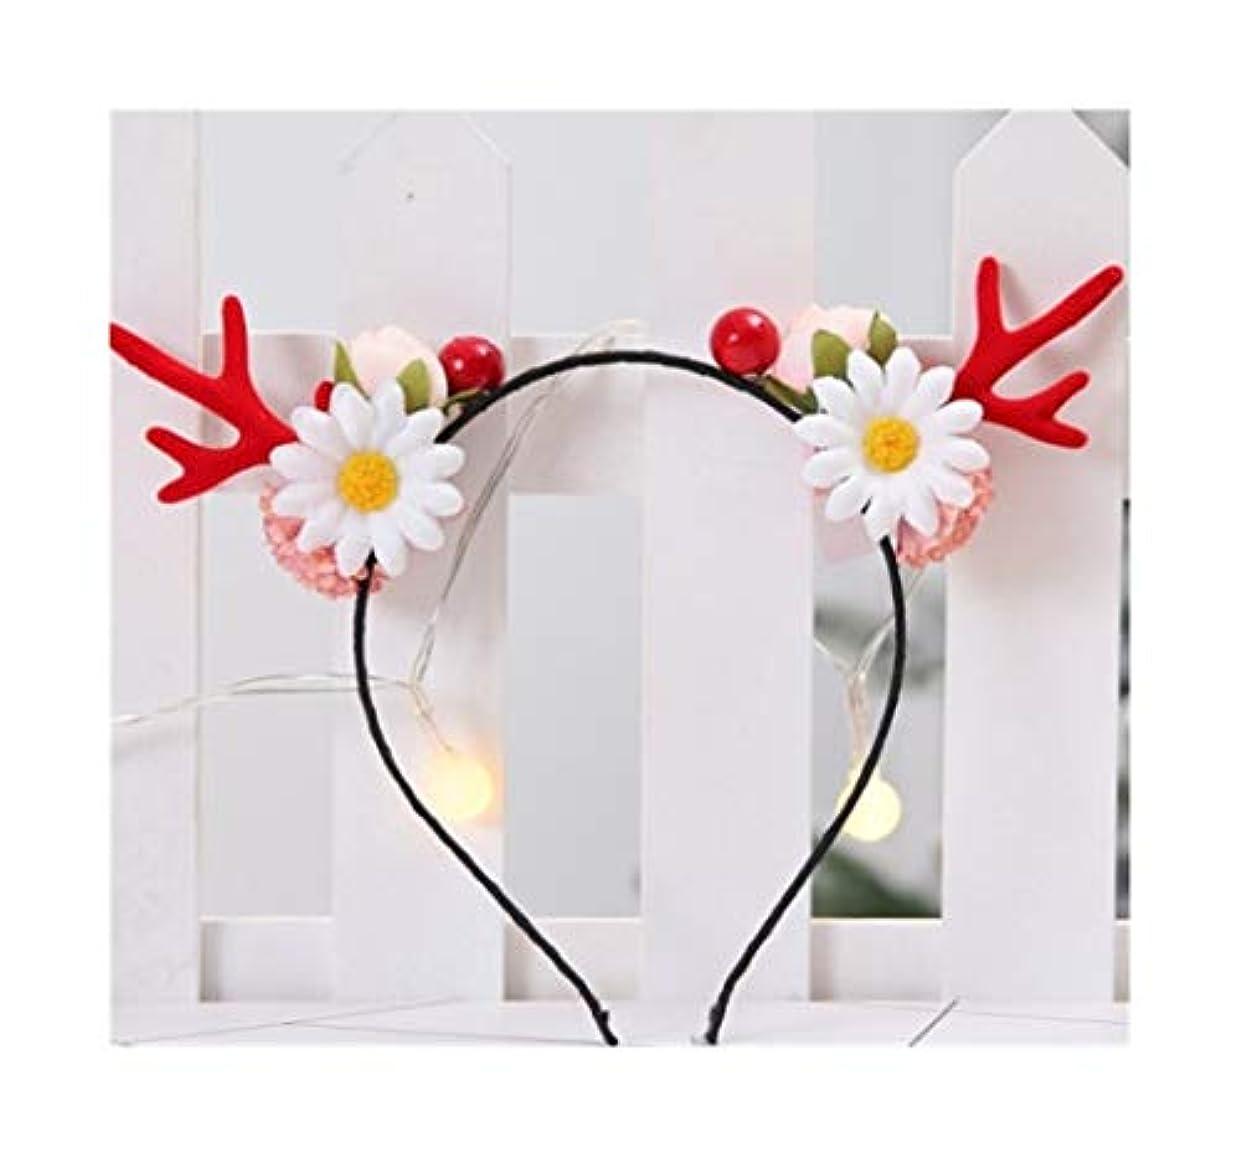 サバント救いピンクHCXD 同じ段落クリスマス枝角ヘアピン小さなクリップ大人面白いネット赤い髪カーソン女性のヘアアクセサリーヘラジカヘッドの装飾品赤い枝角の花のヘッドバンド クリスマスの帽子